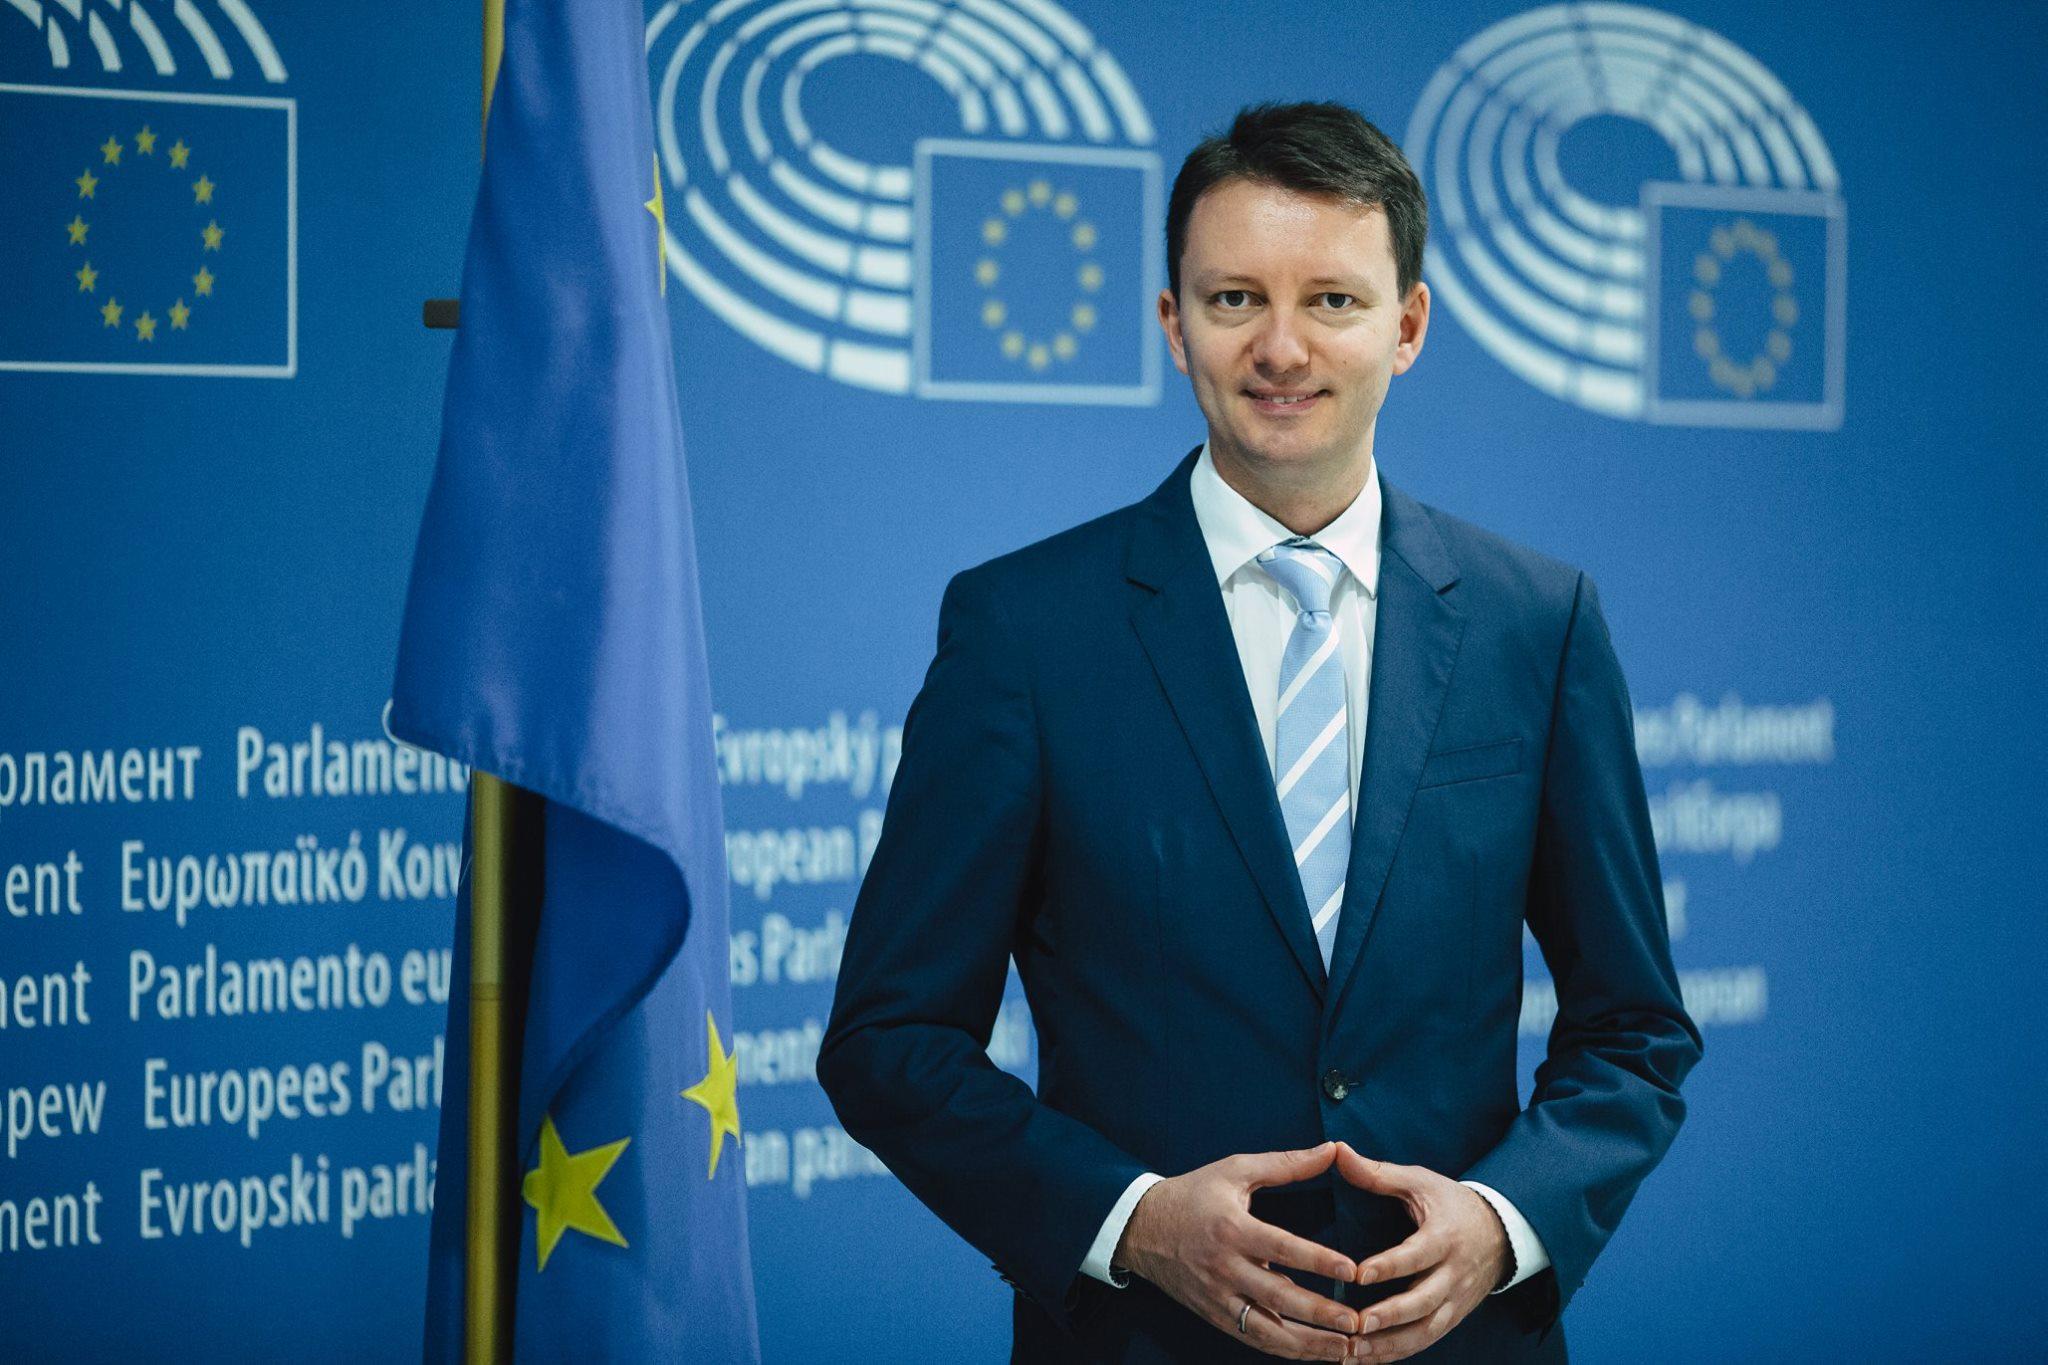 Siegfried Mureşan a fost ales vicepreşedinte al Grupului PPE din Parlamentul European